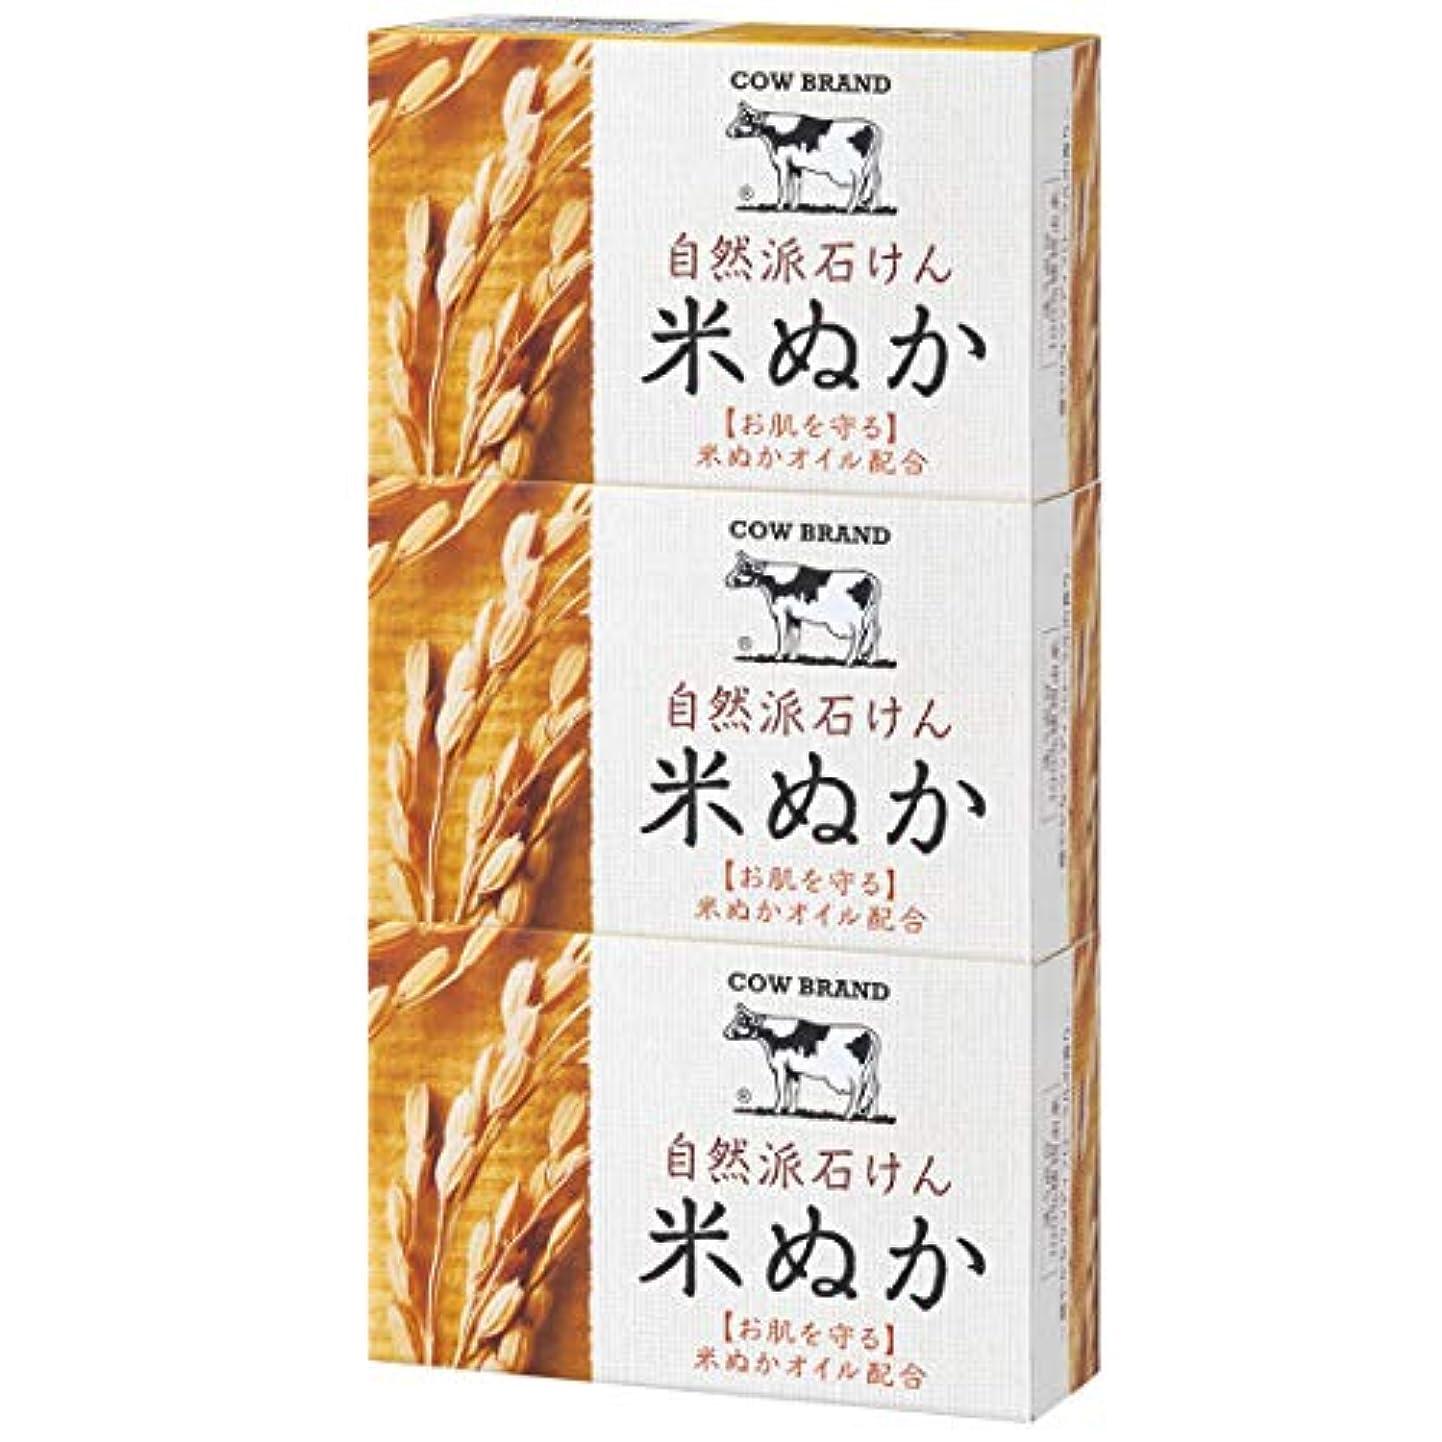 誰のもし委員会カウブランド 自然派石けん 米ぬか 100g*3個